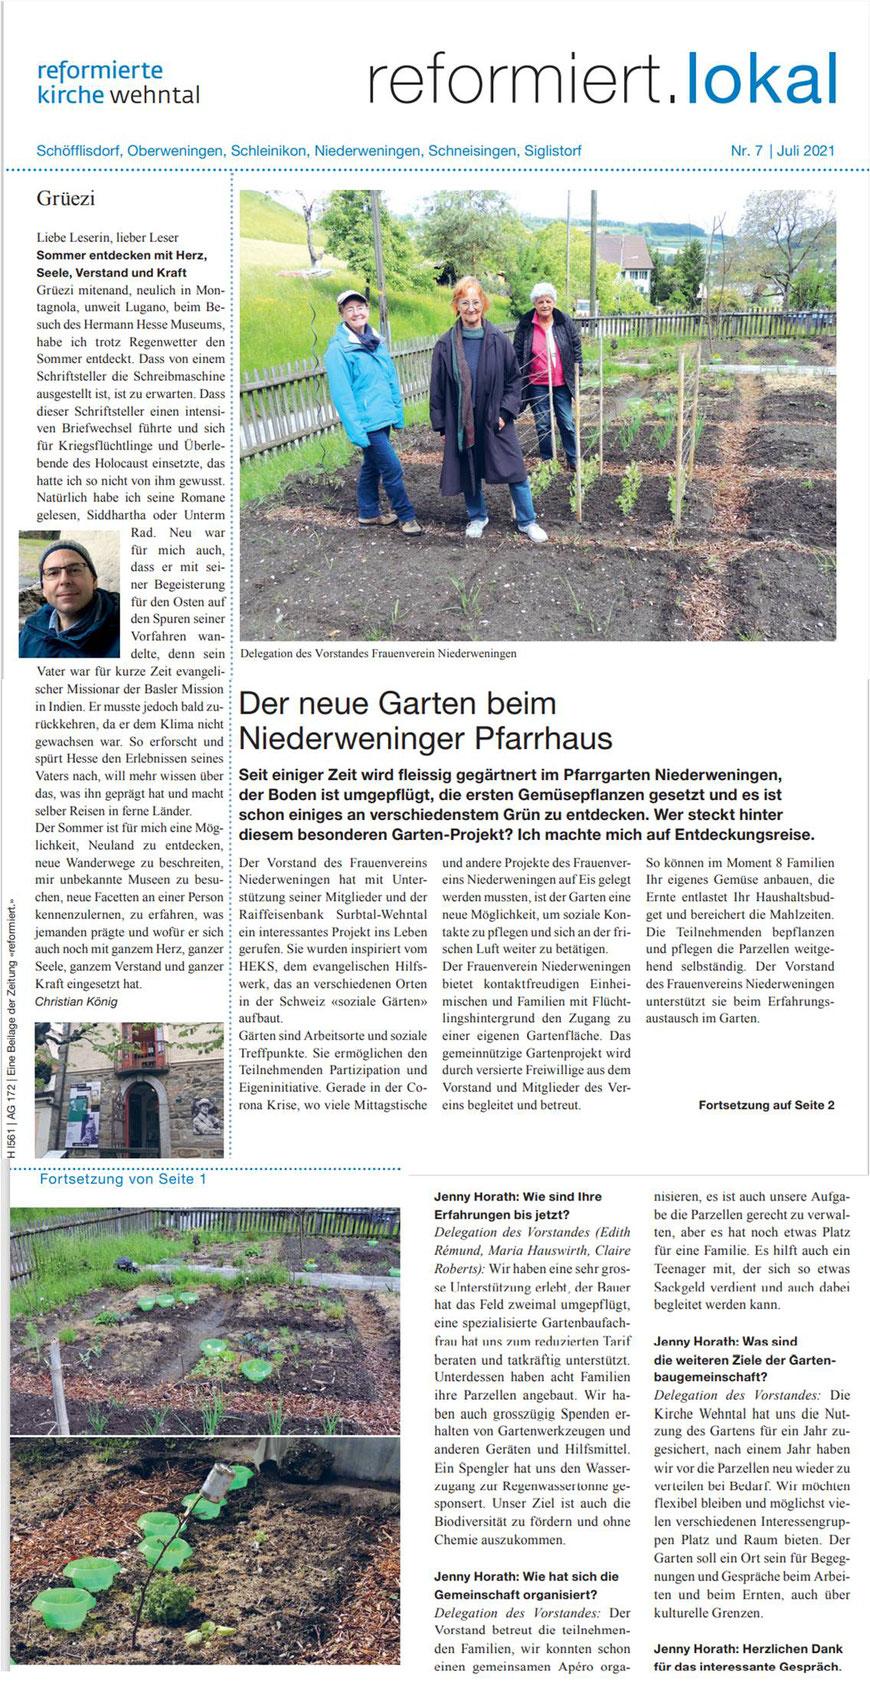 Artikel in der Zürcher Reformiert.lokal Zeitschrift in Juli 2021